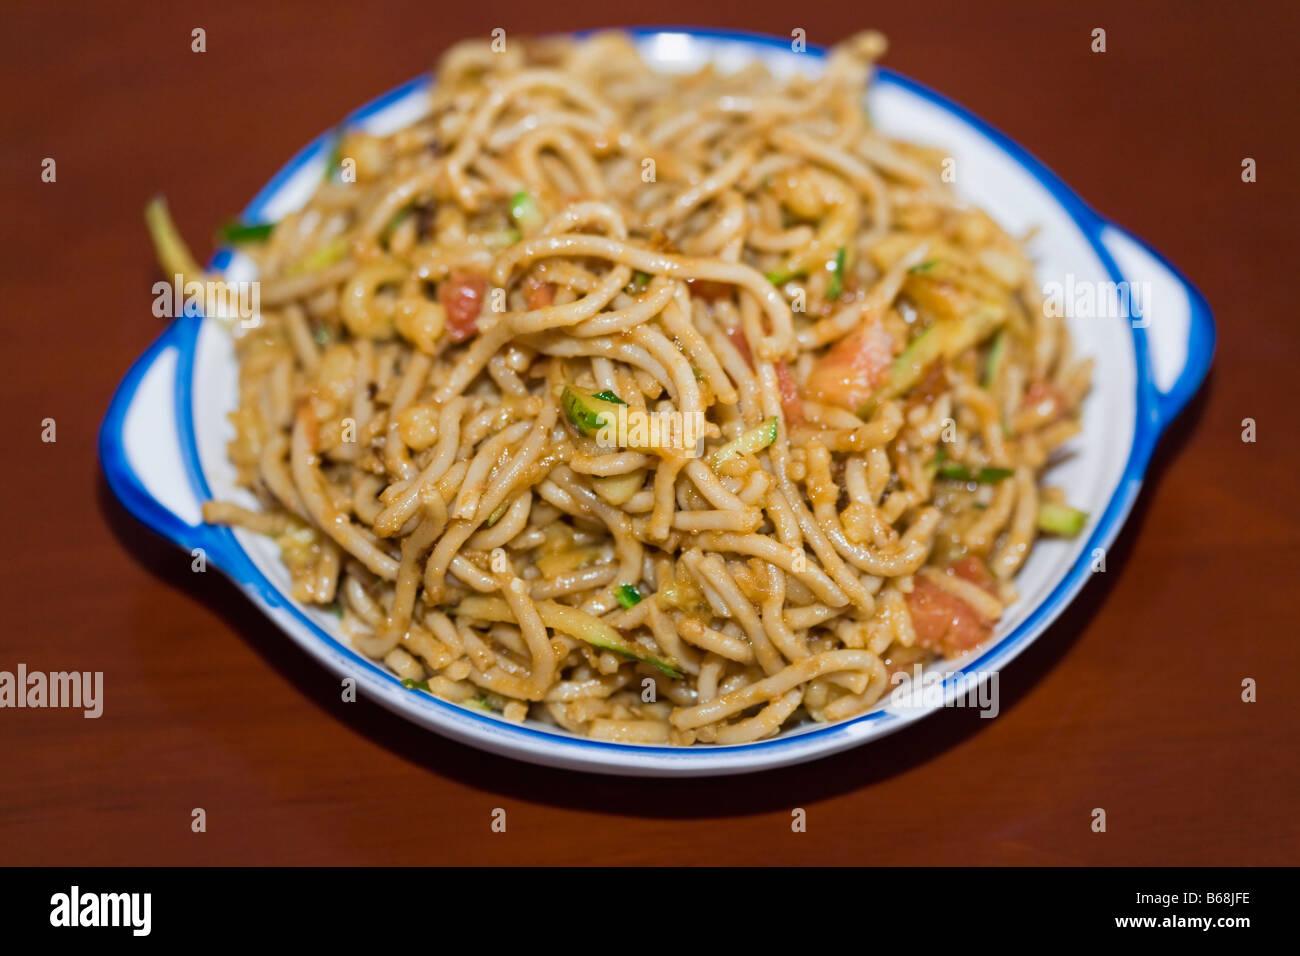 china noodles stockfotos china noodles bilder alamy. Black Bedroom Furniture Sets. Home Design Ideas